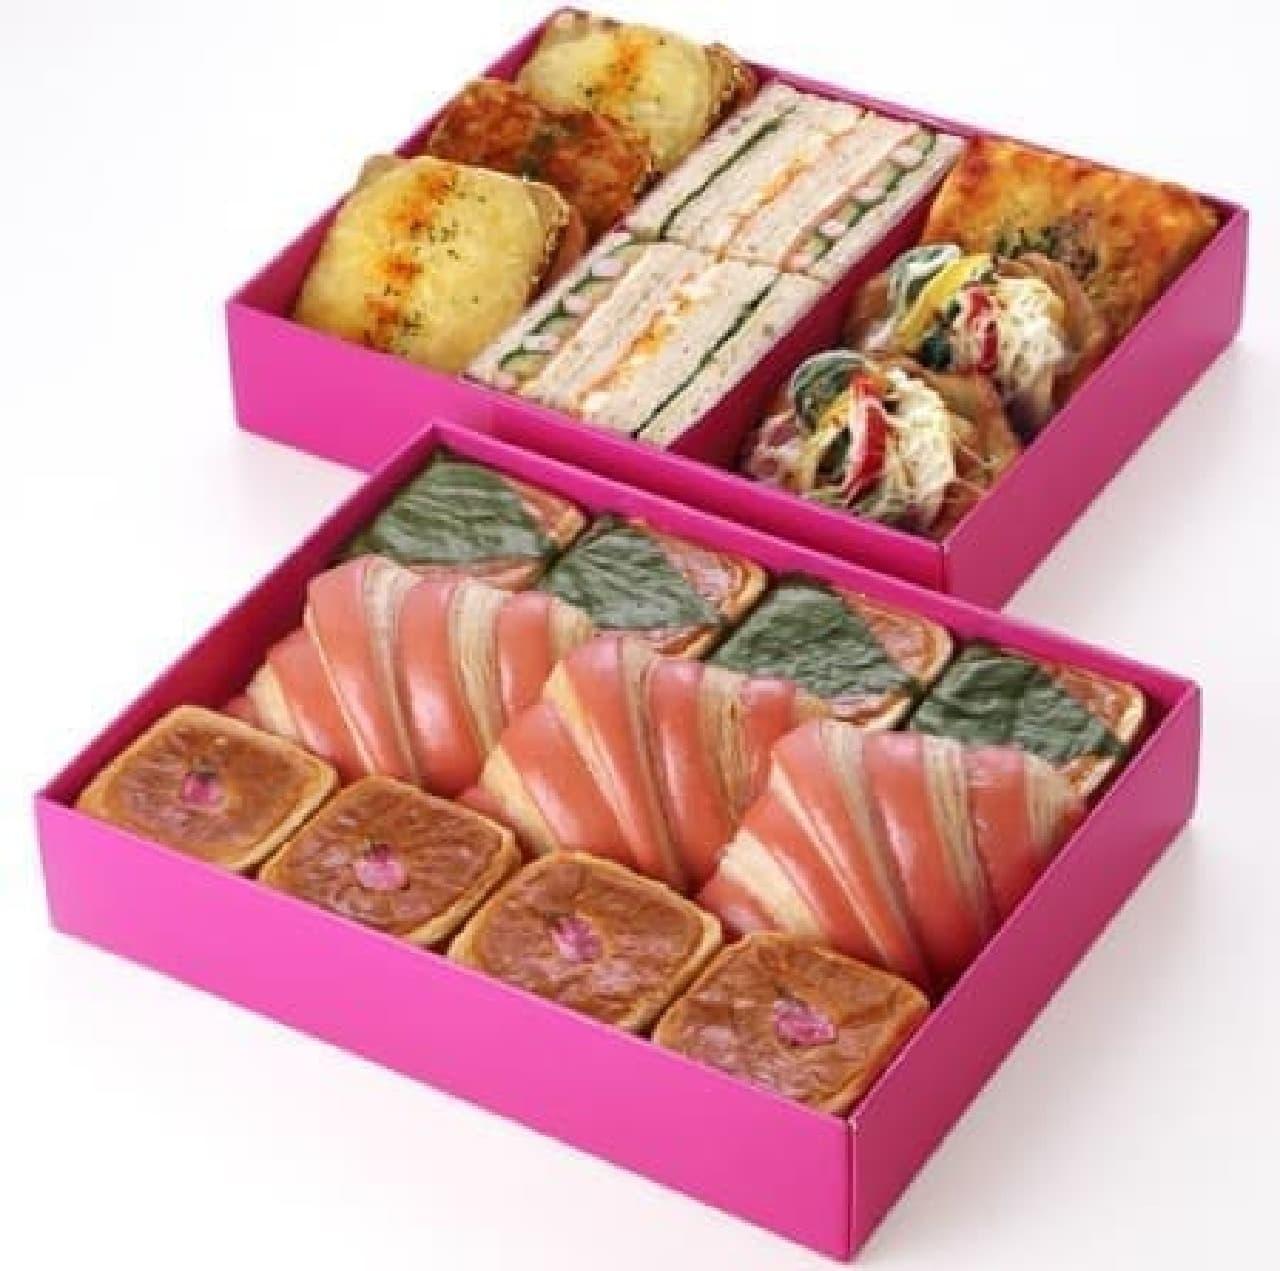 総菜パン5種を詰め合わせた「サレ」(上)と  甘いパン3種を詰め合わせた「シュクレ」(下)